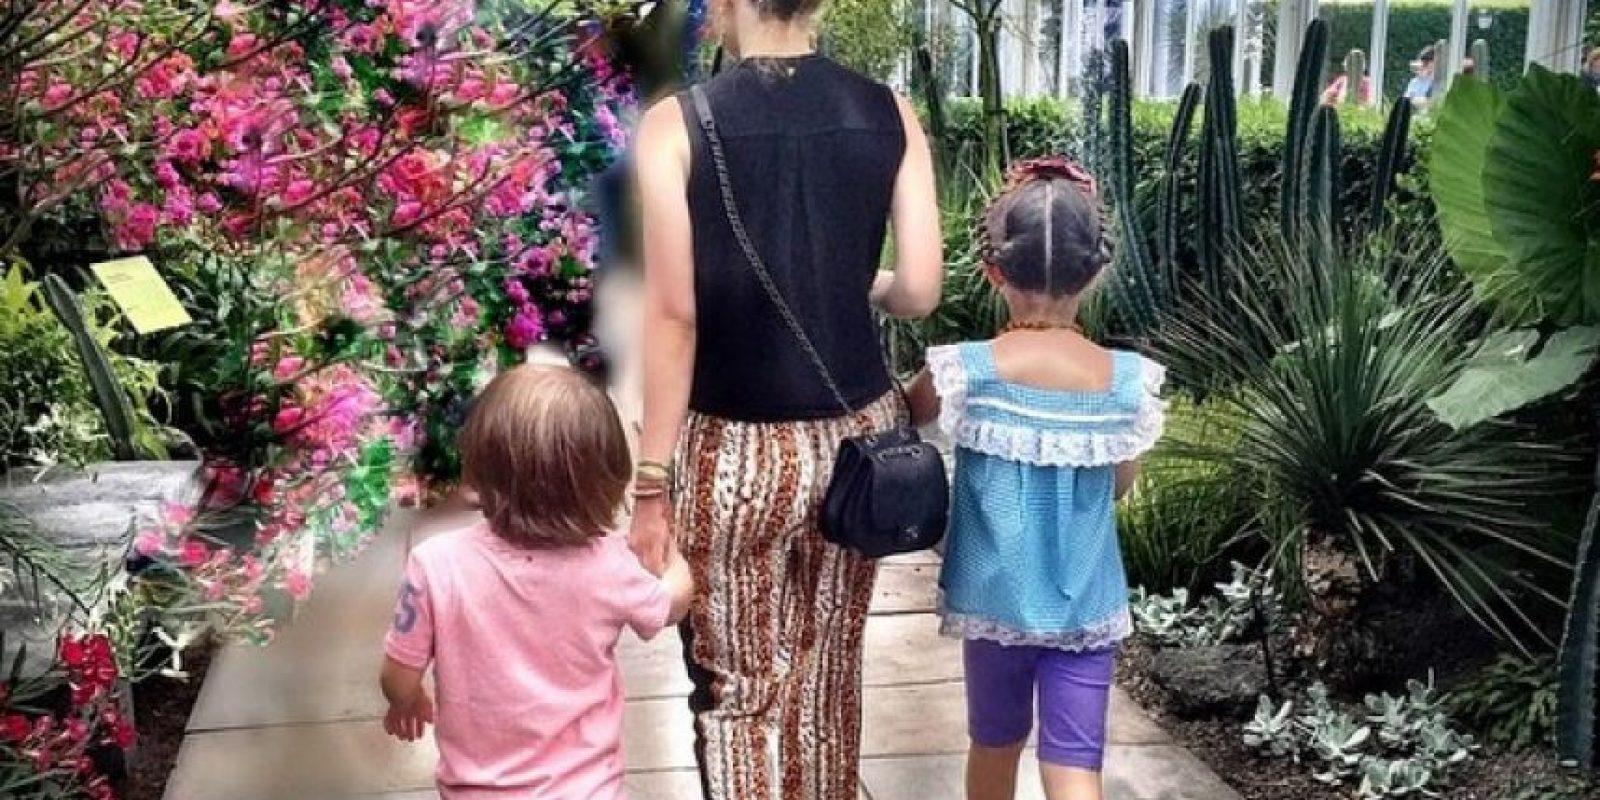 La cantante visitó una exposición de la artista mexicana Frida Kahlo en el jardín botánico del Bronx en Nueva York Foto:Instagram/Thalia